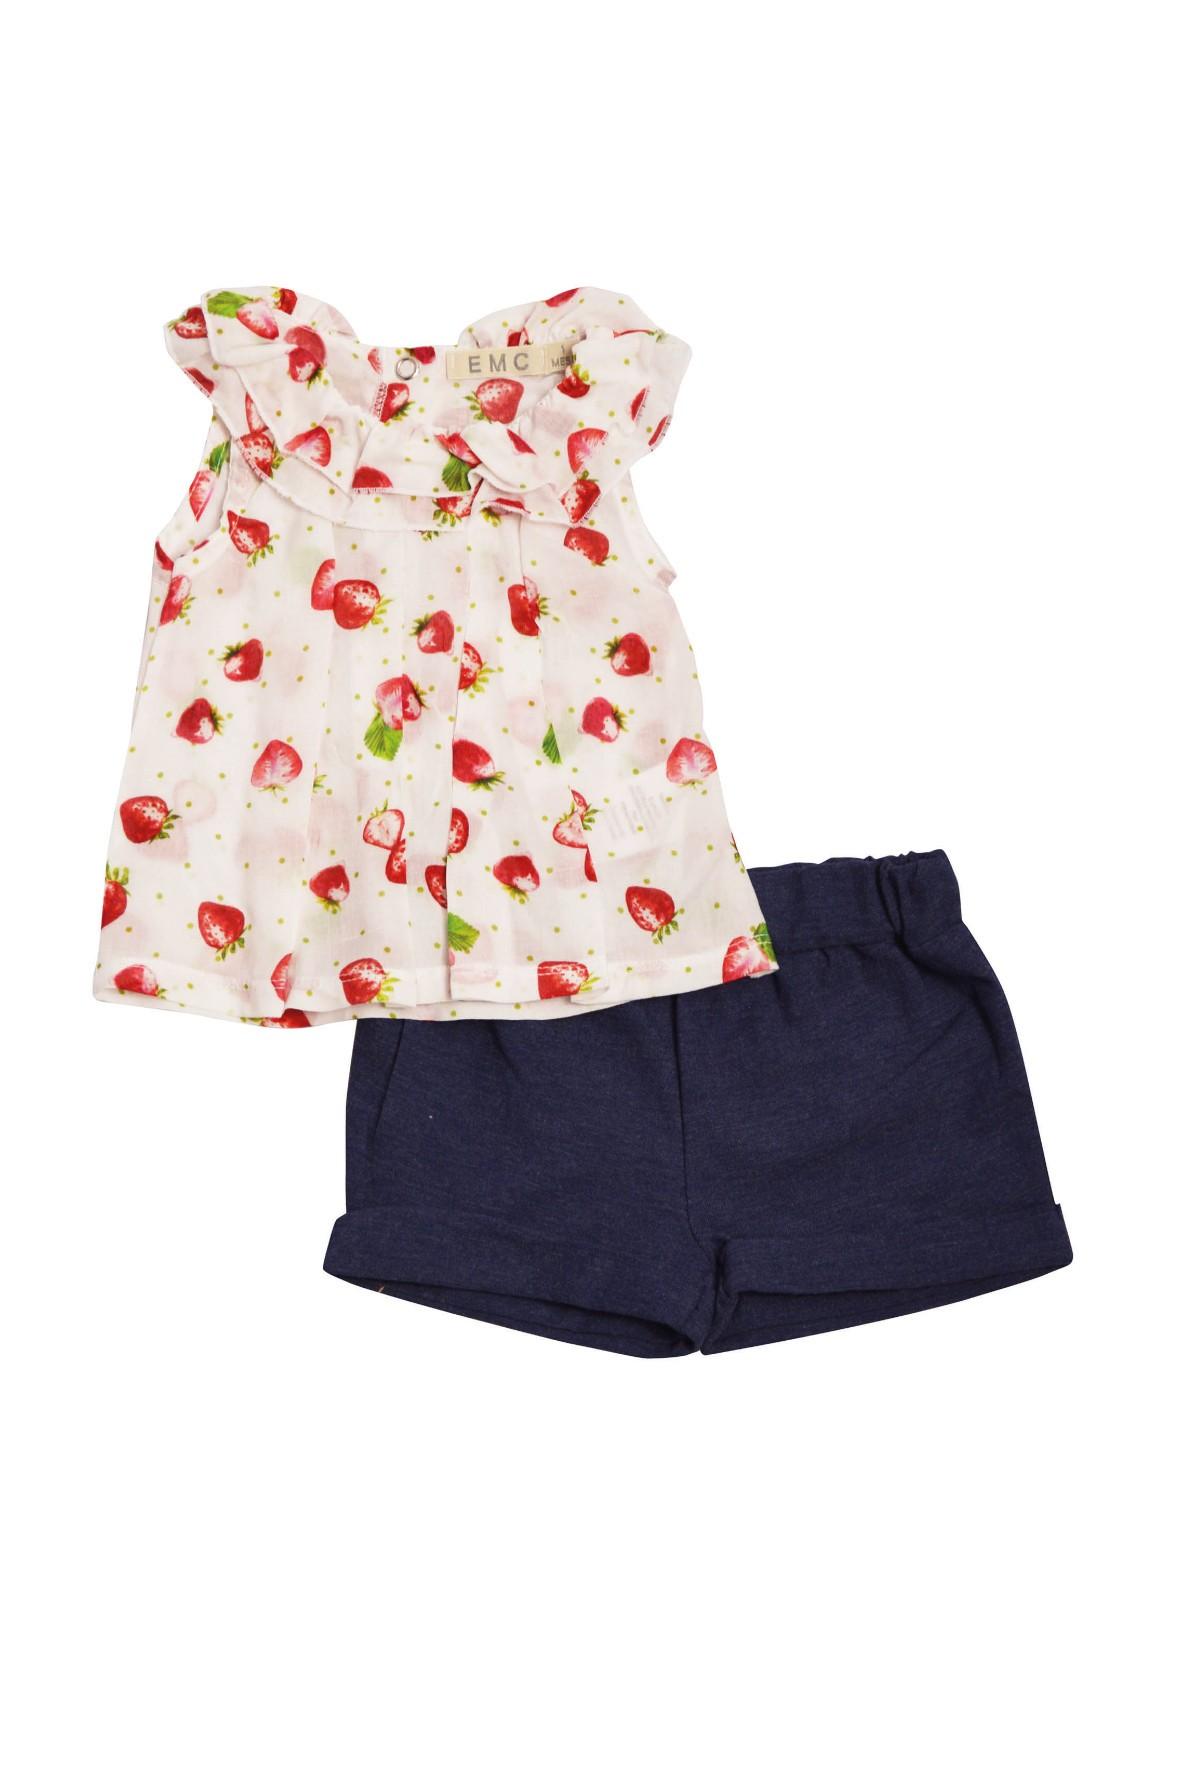 Komplet dziewczęcych ubrań w truskawki